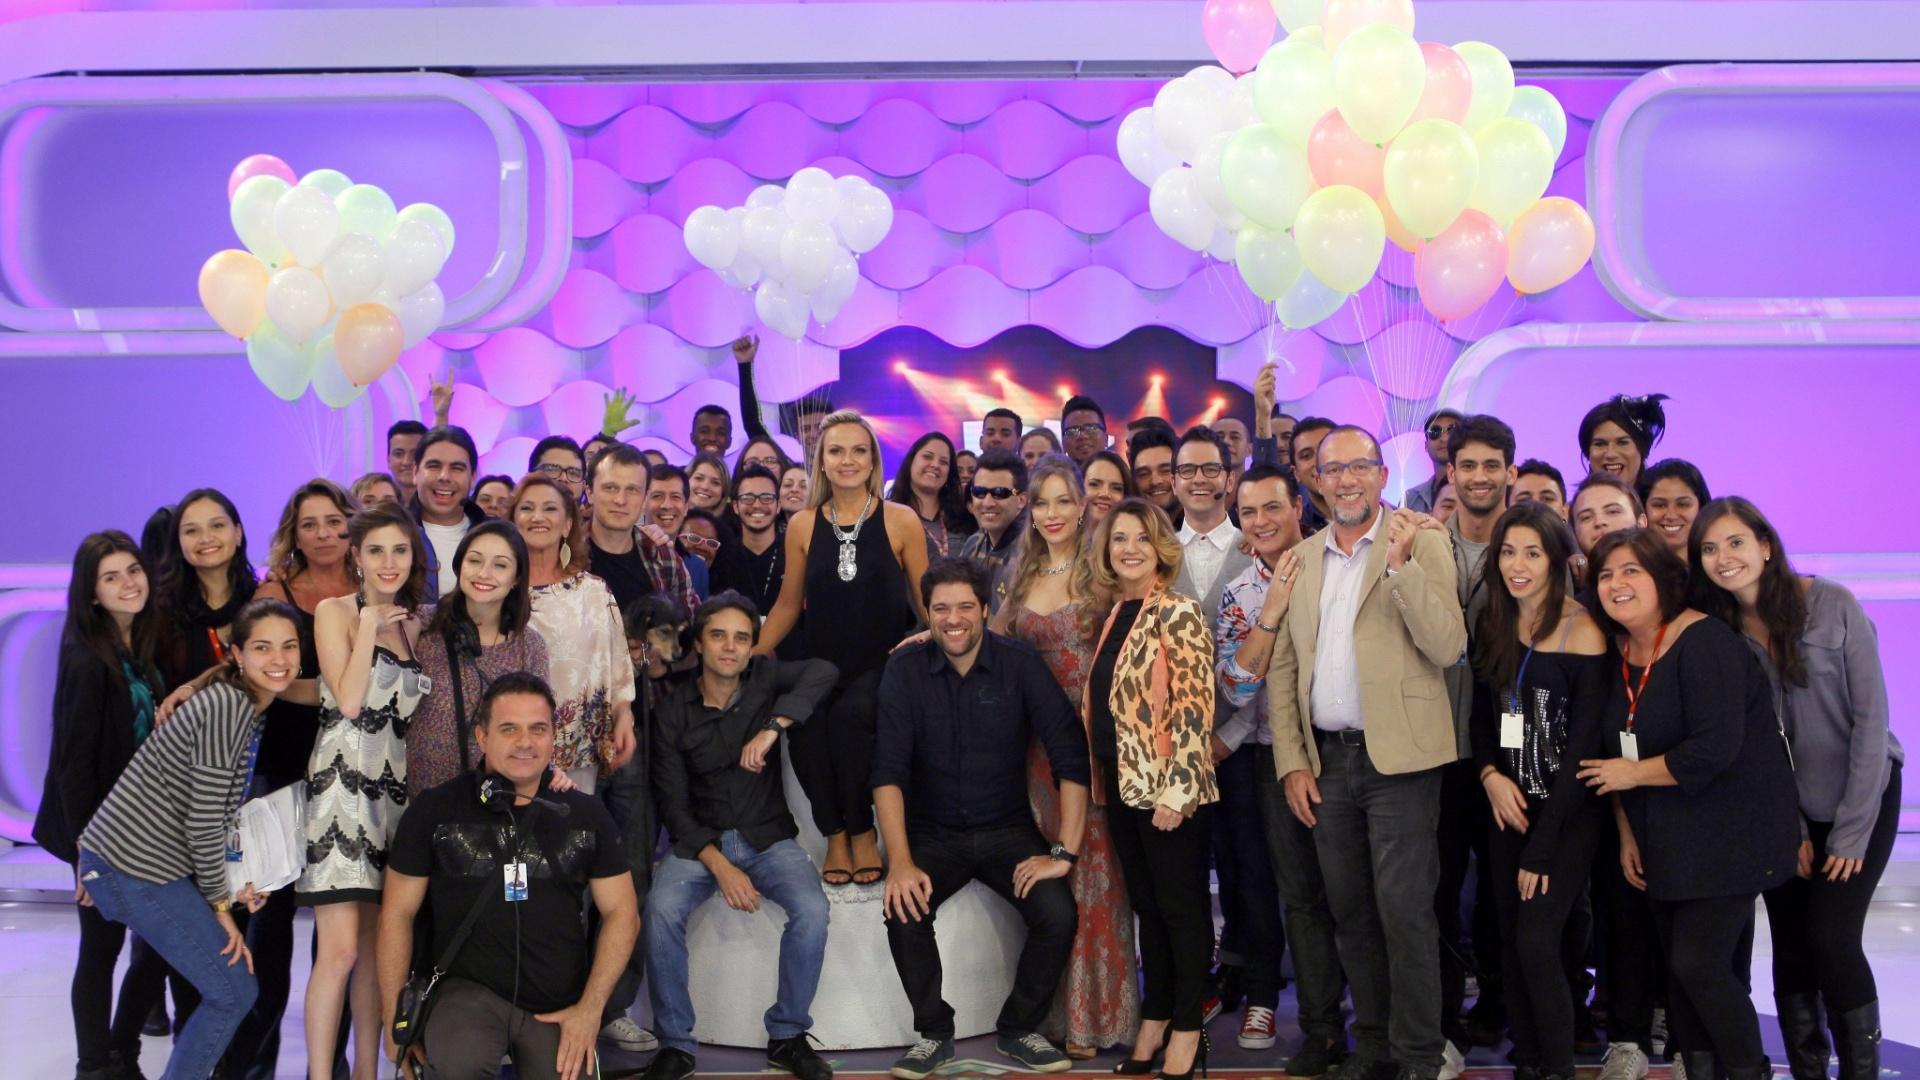 2013 - Aniversário de 40 anos de Eliana é comemorado nos estúdios do SBT